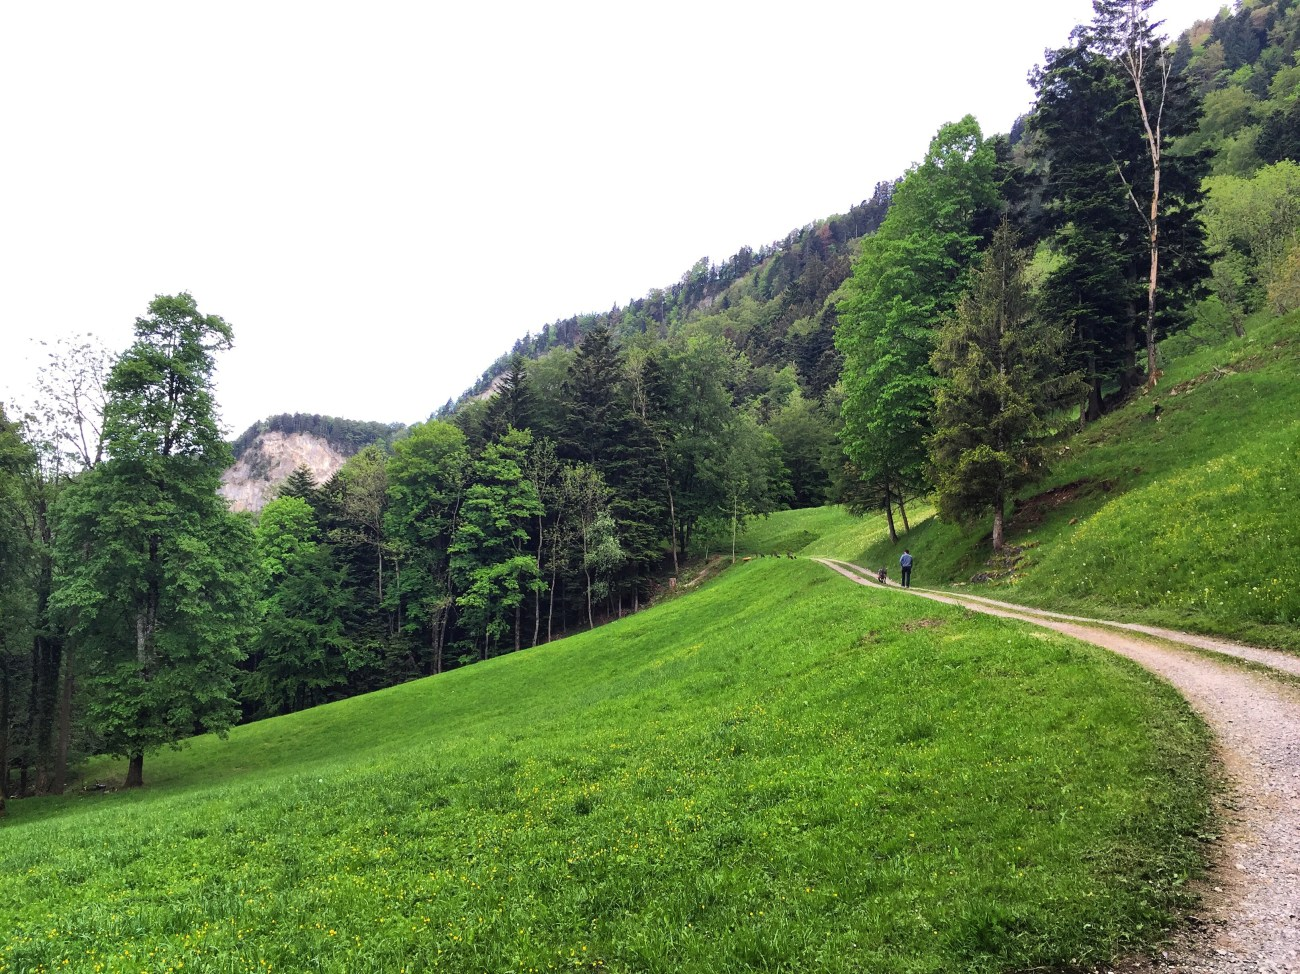 Zwitserland is zo mooi en zo groen